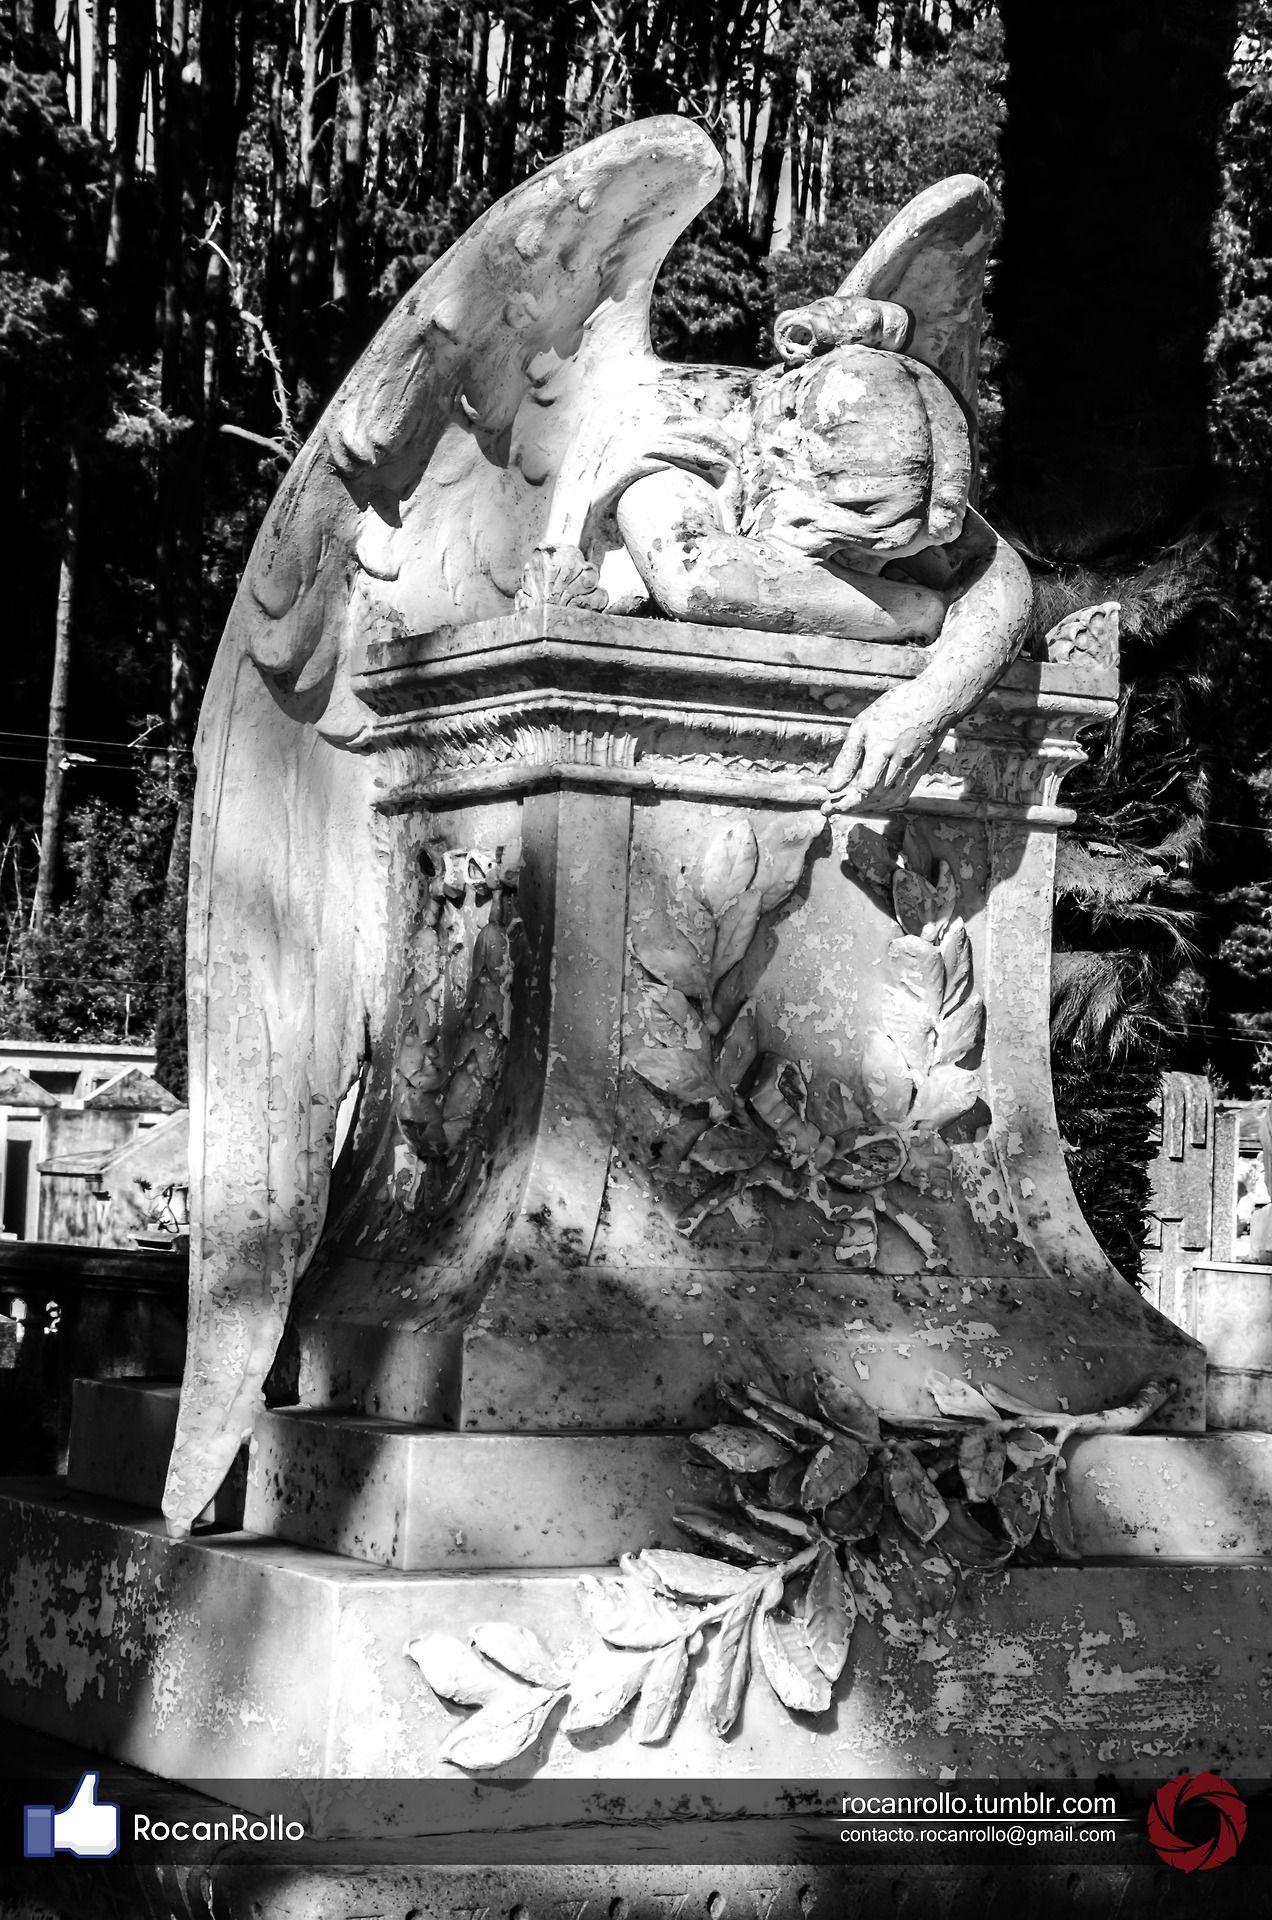 #fotografia #Byn #byw #moto #RocanRollo #Nikon #Cementery #cementerio #angel  rocanrollo.tumblr.com